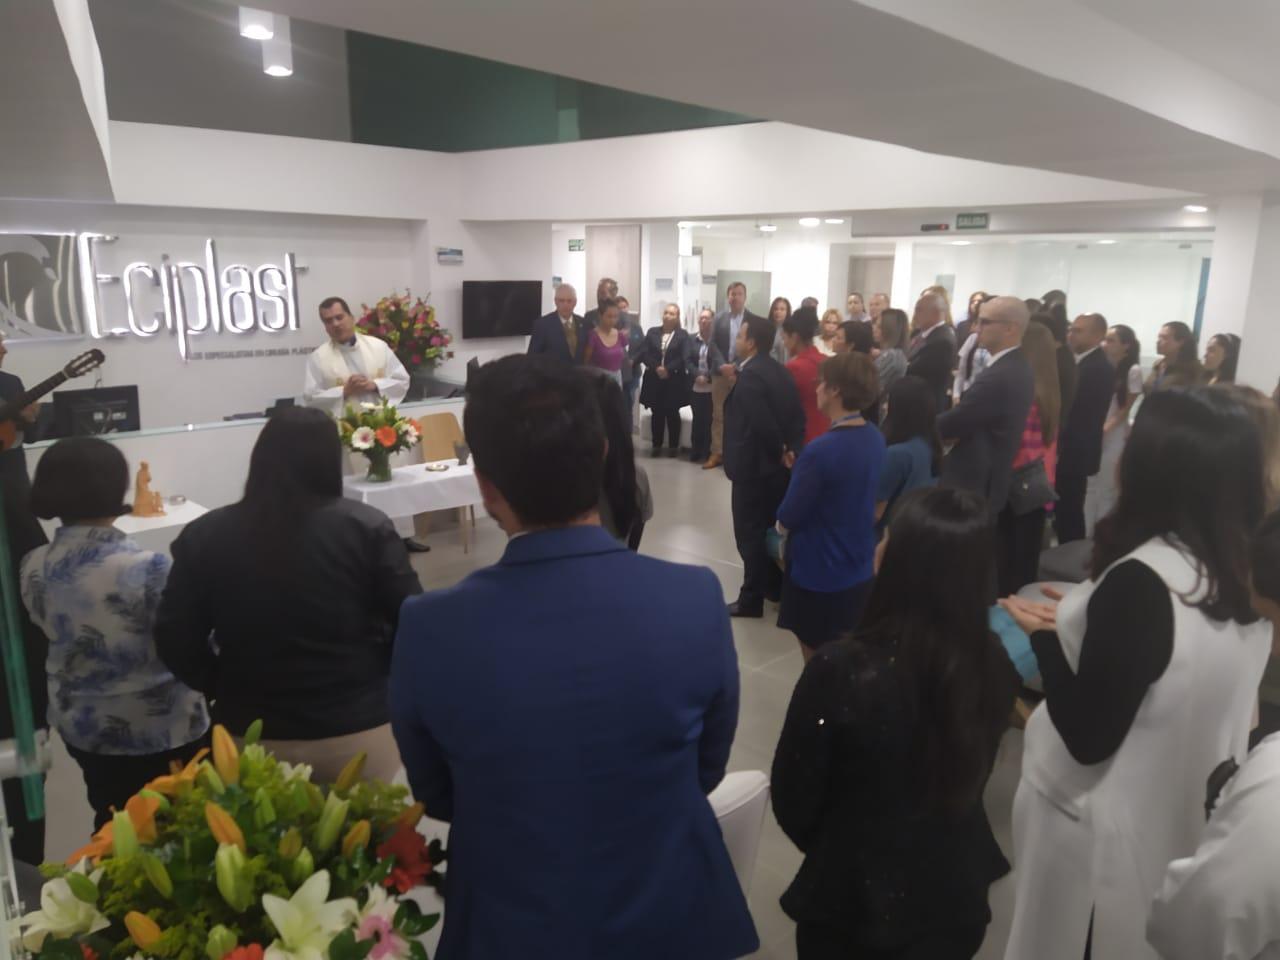 Especialistas en Cirugía Plástica inauguró su nueva sede 8